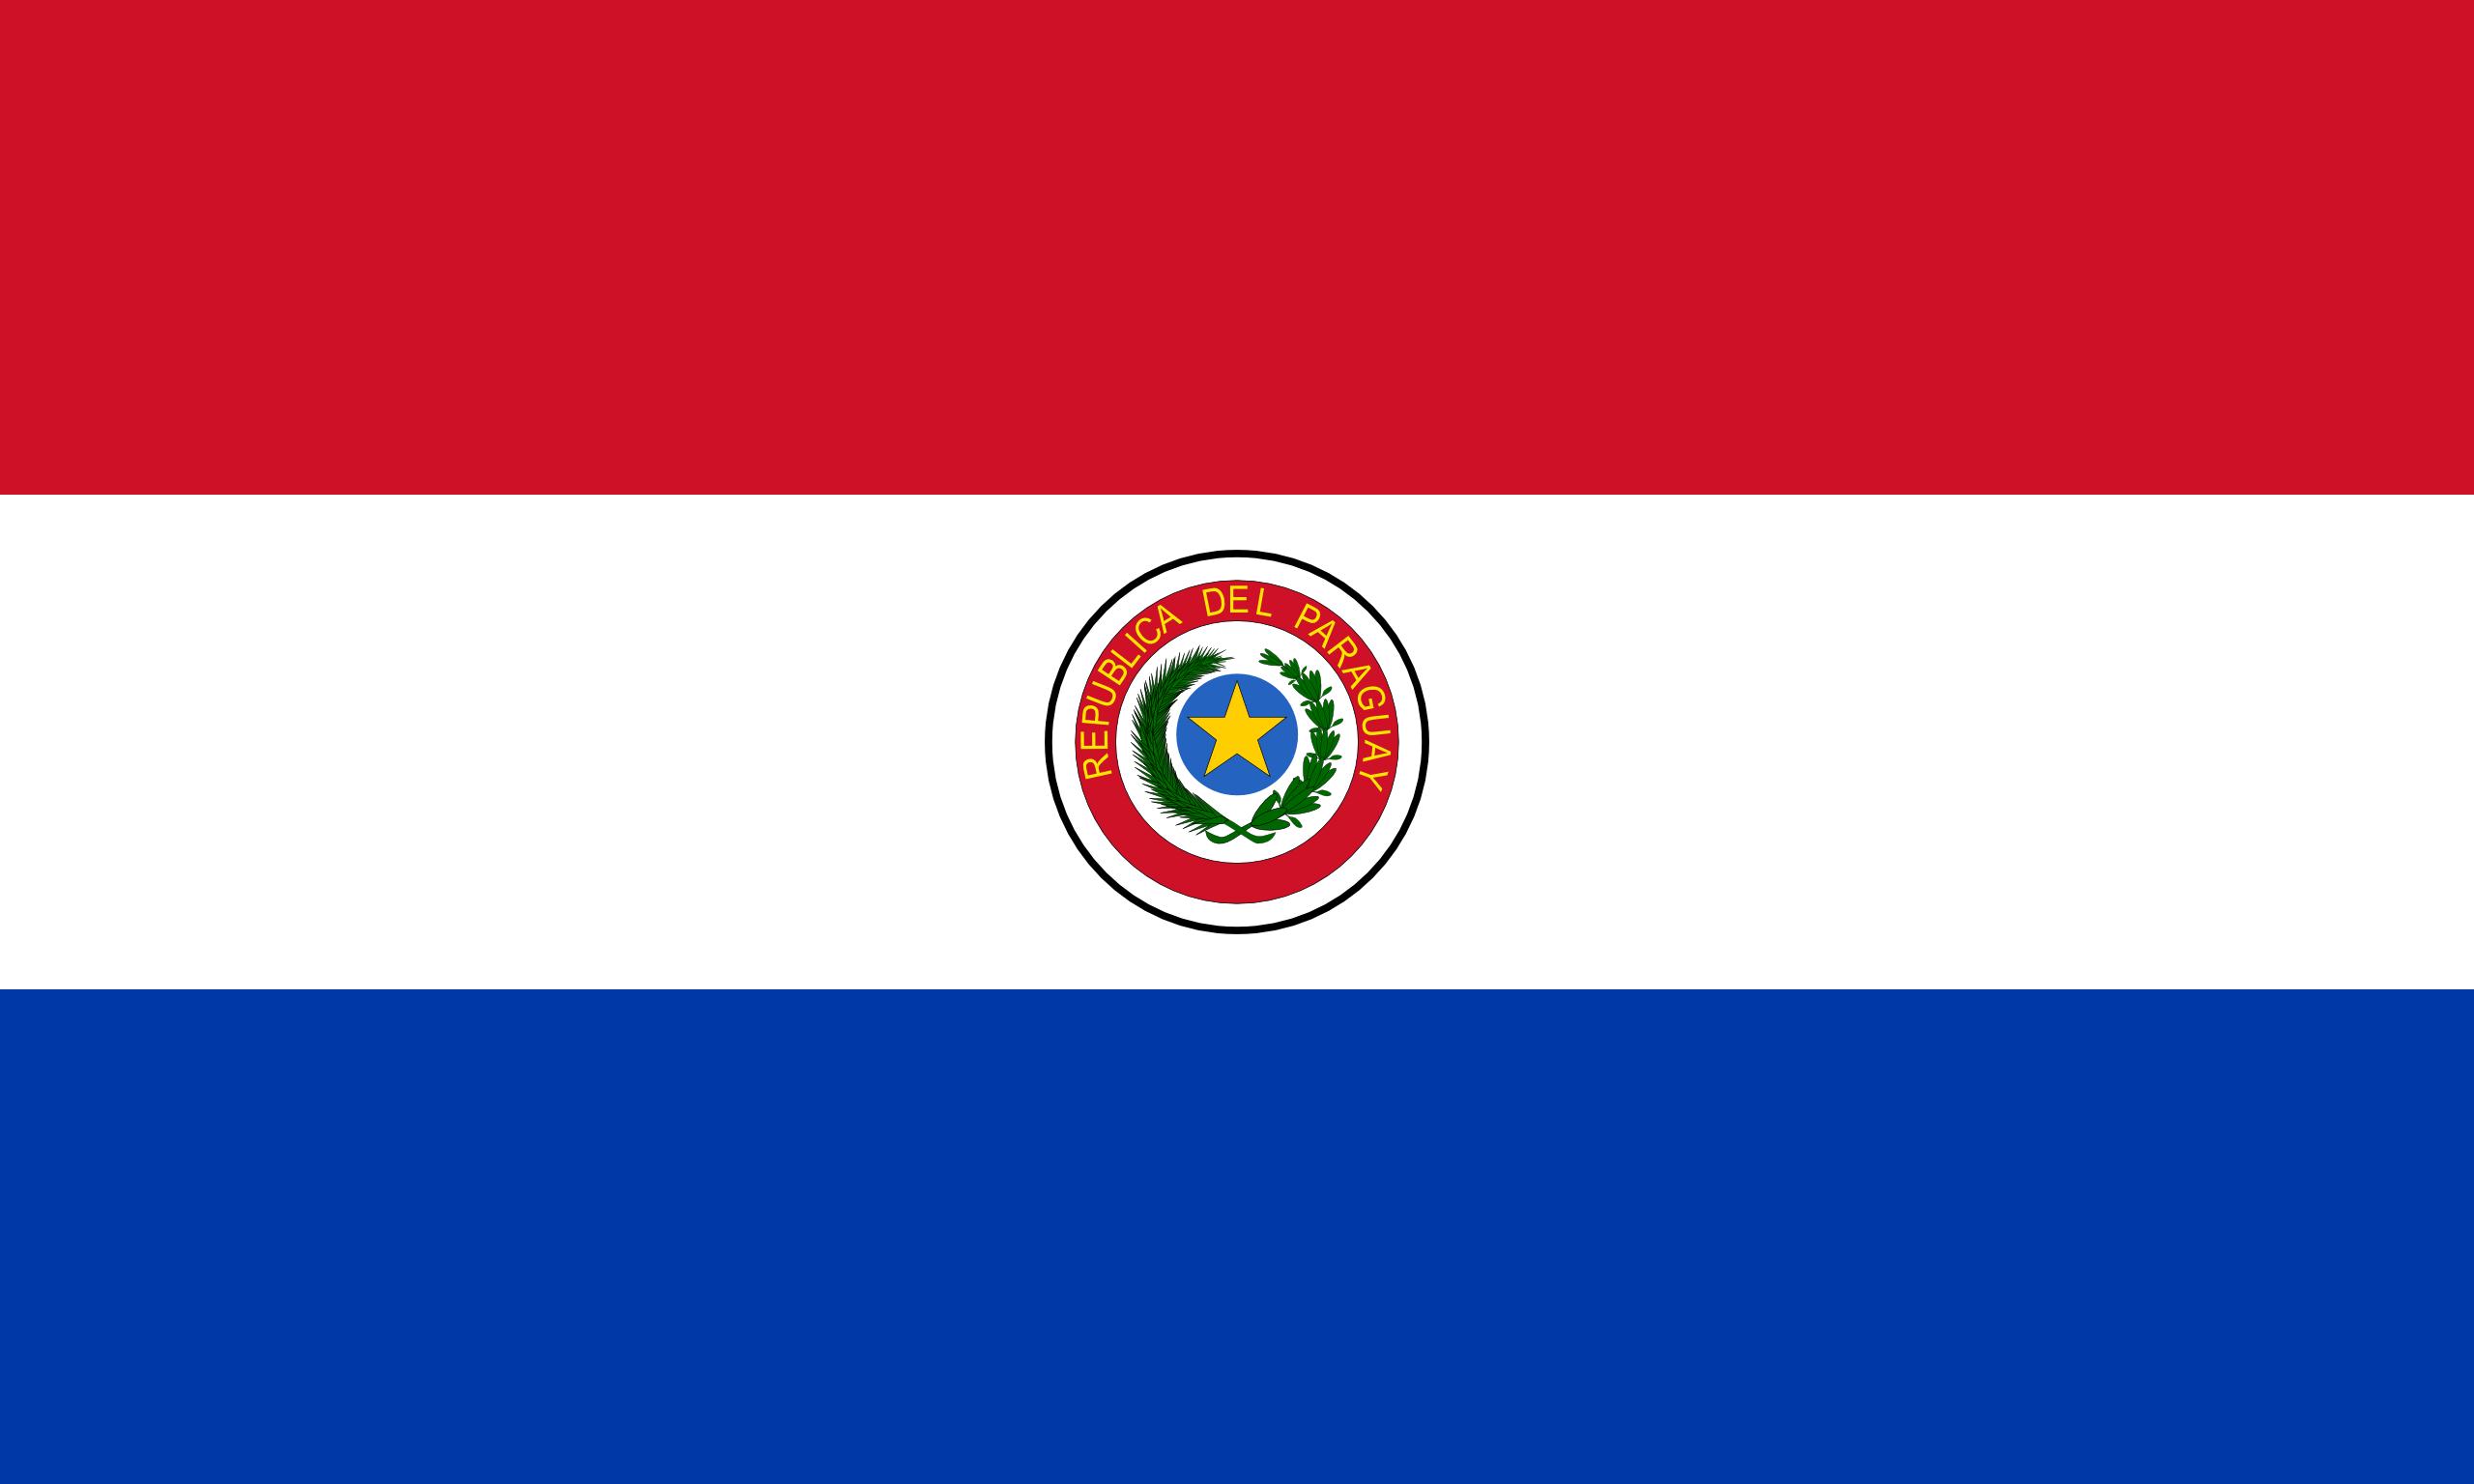 paraguay, 国, エンブレム, ロゴ, シンボル - HD の壁紙 - 教授-falken.com